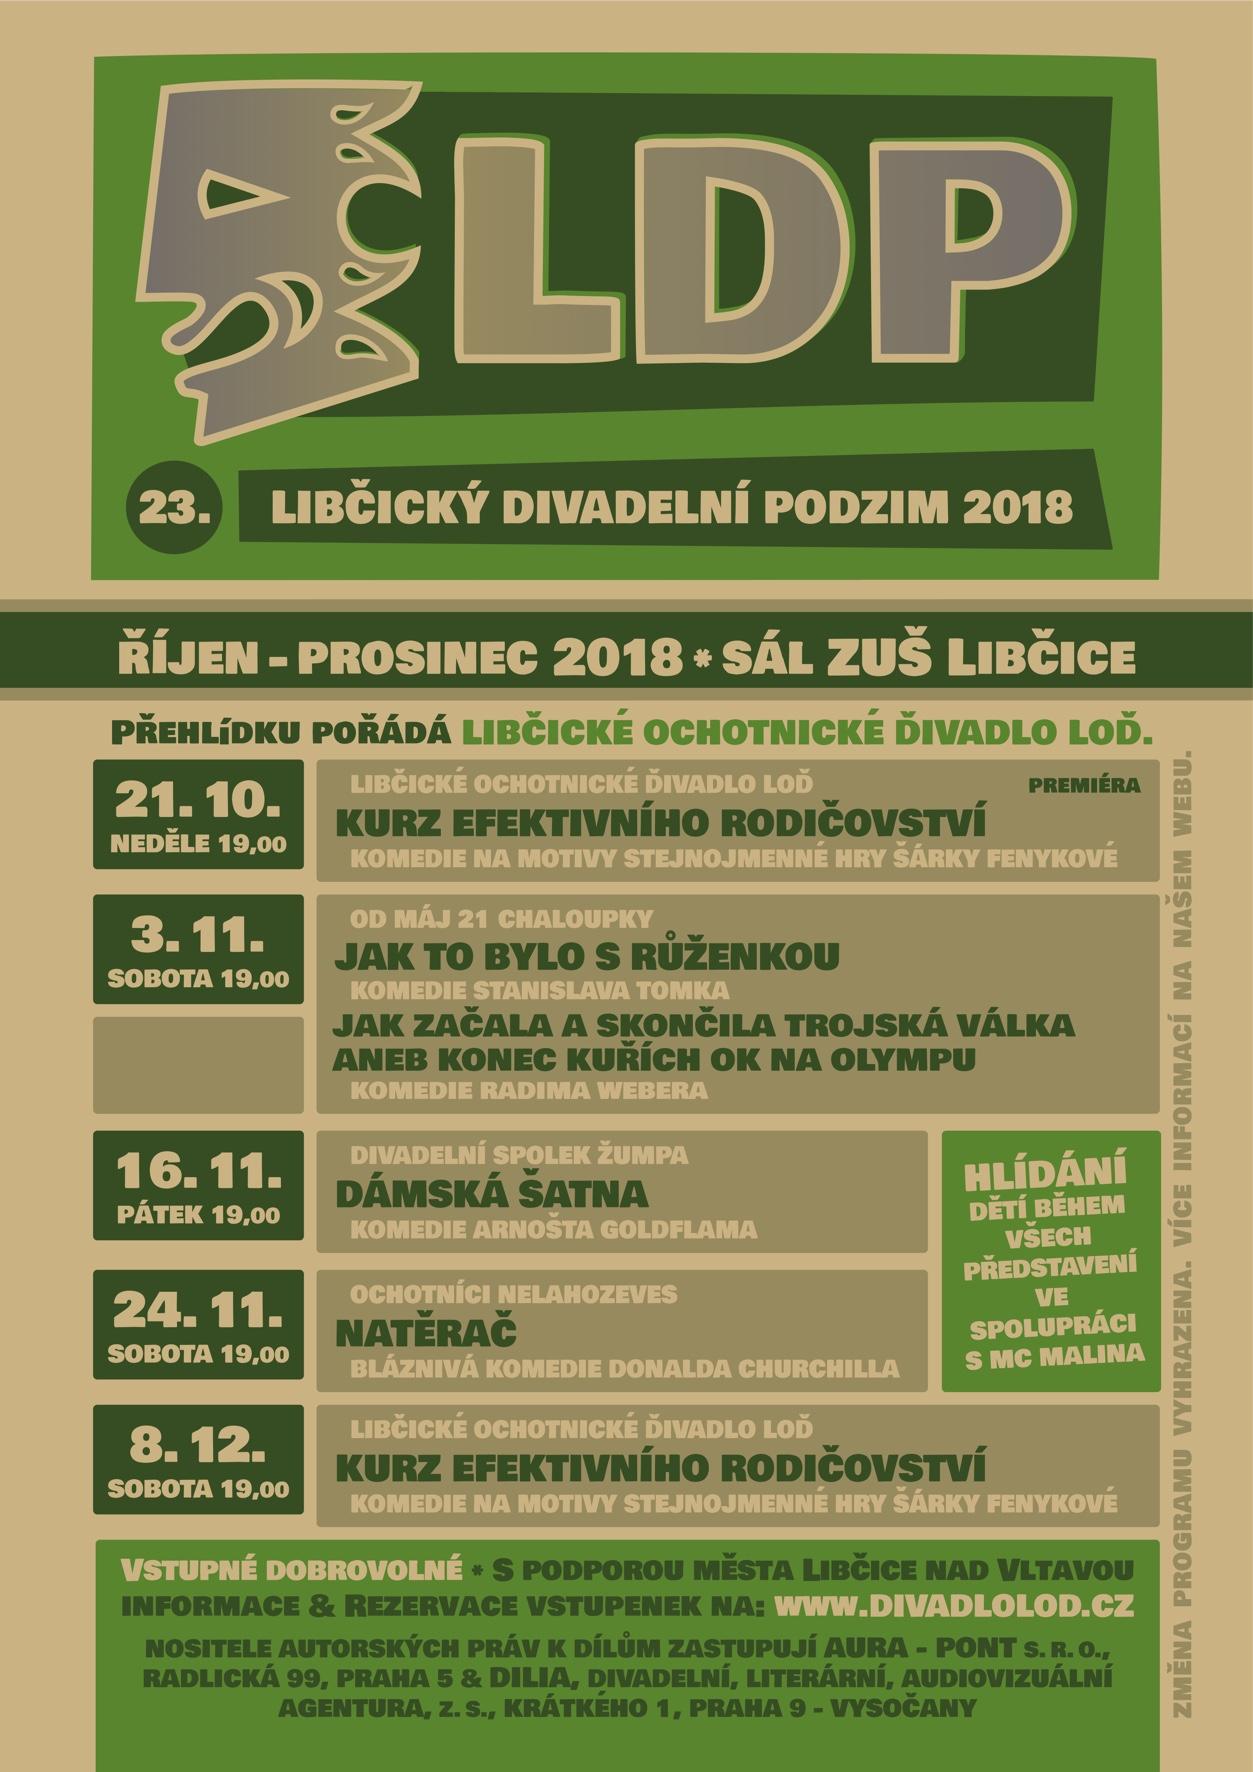 program: Libčický divadelní podzim 2018